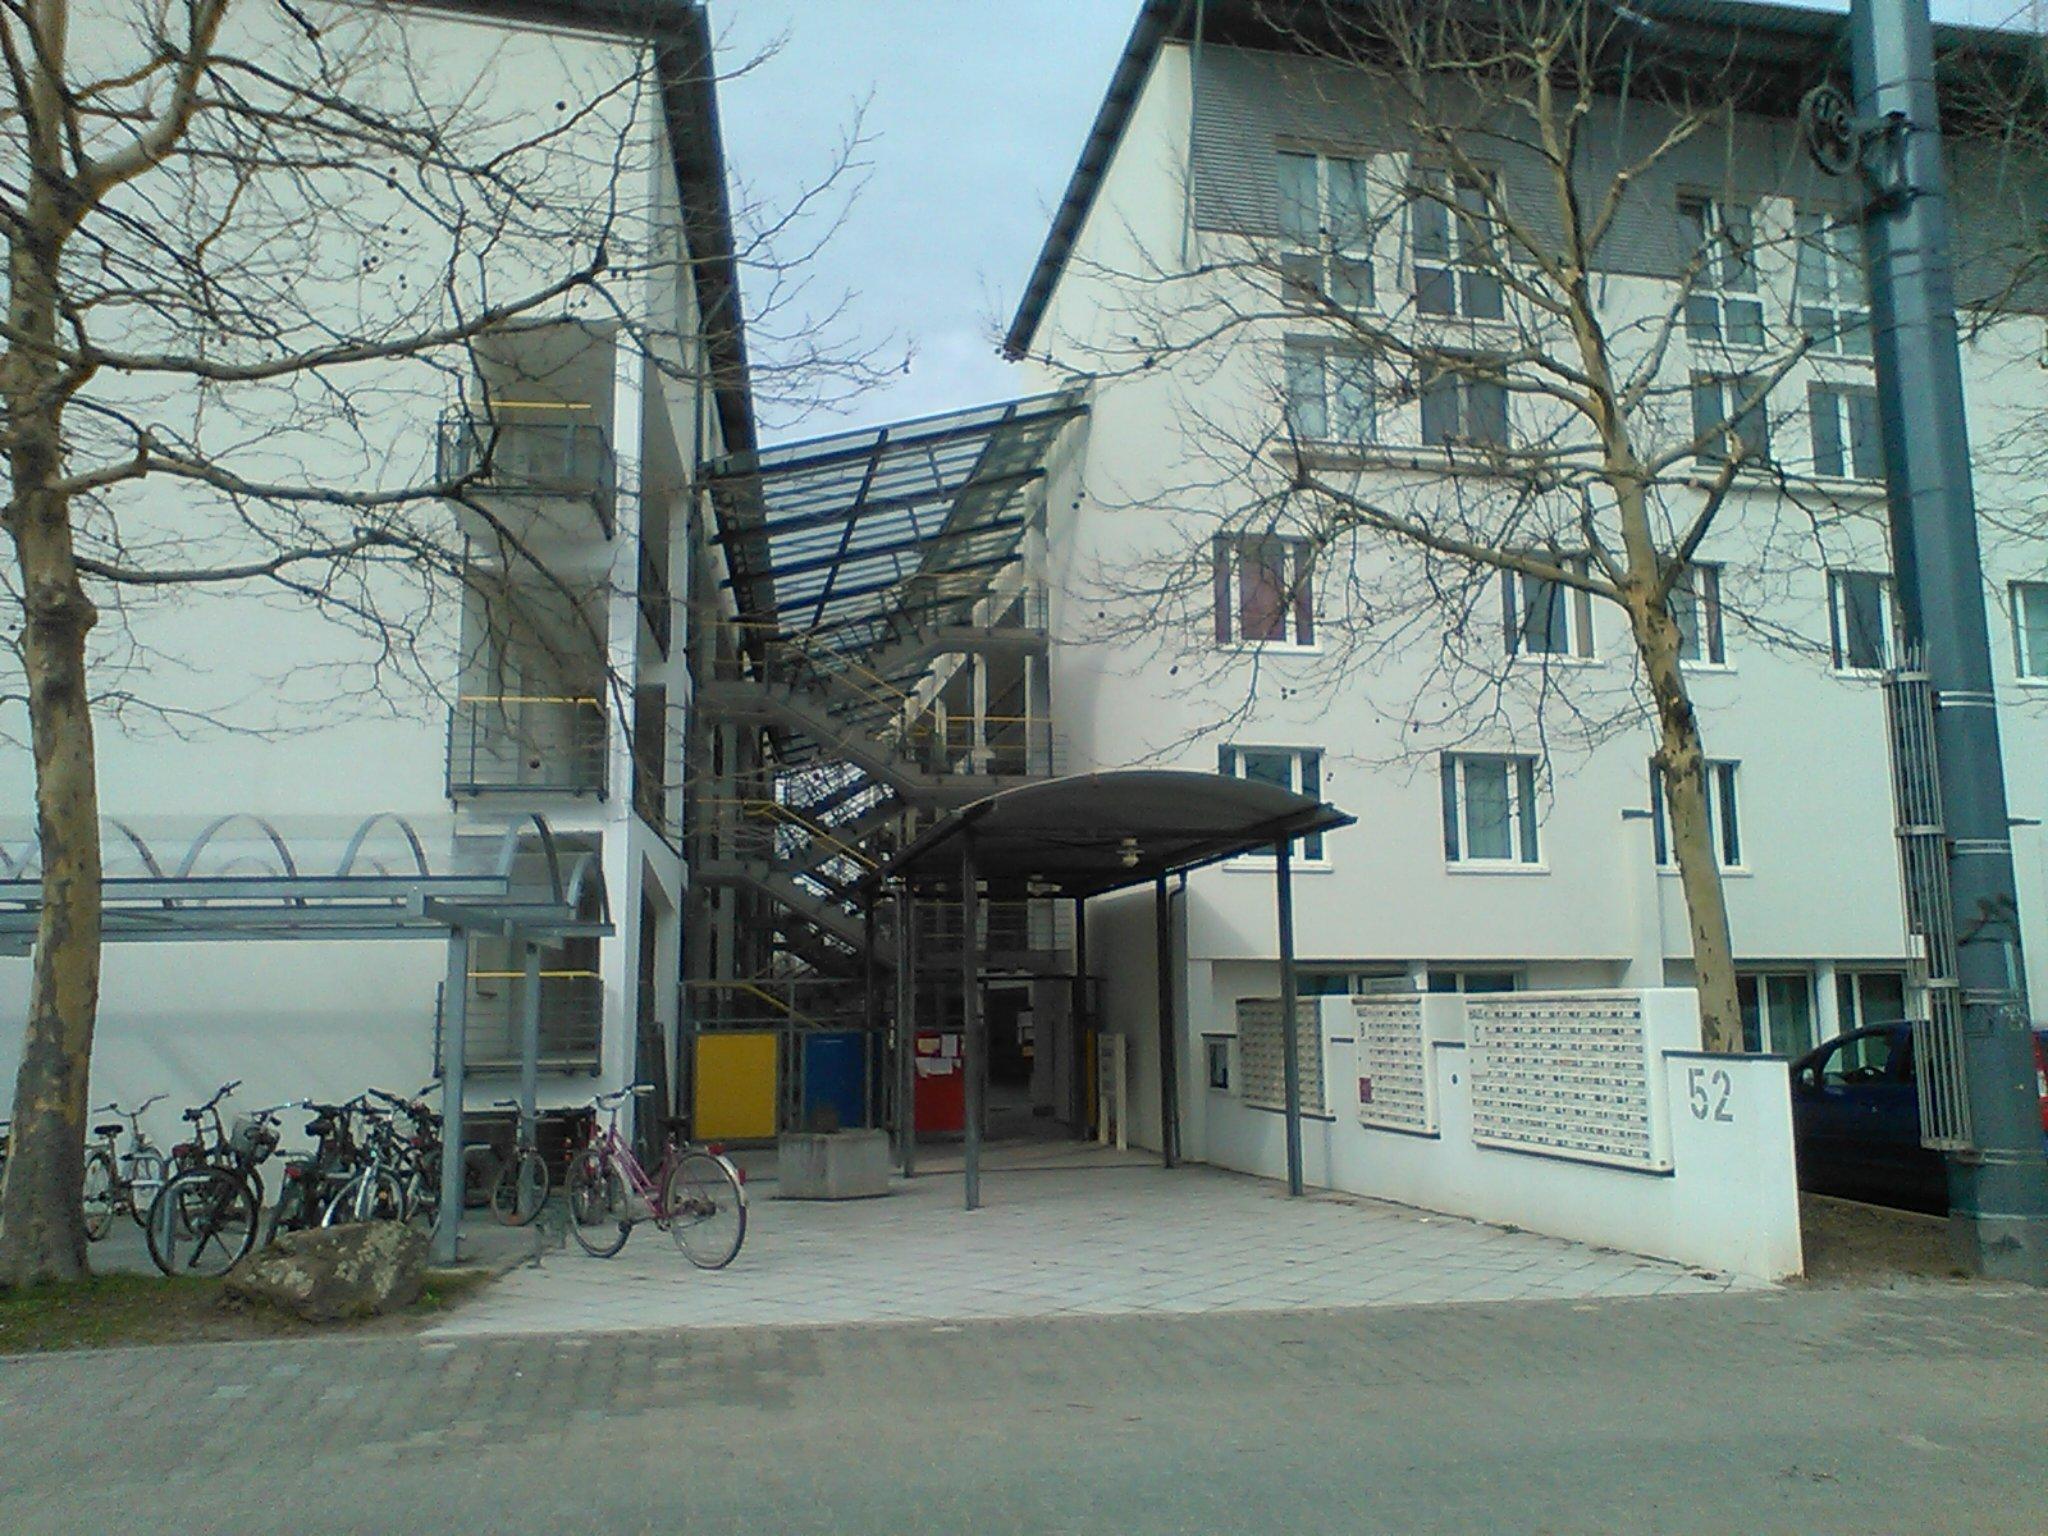 Studierendenwohnheim in der Eppelheimer Straße. Foto: Simon Koenigsdorff